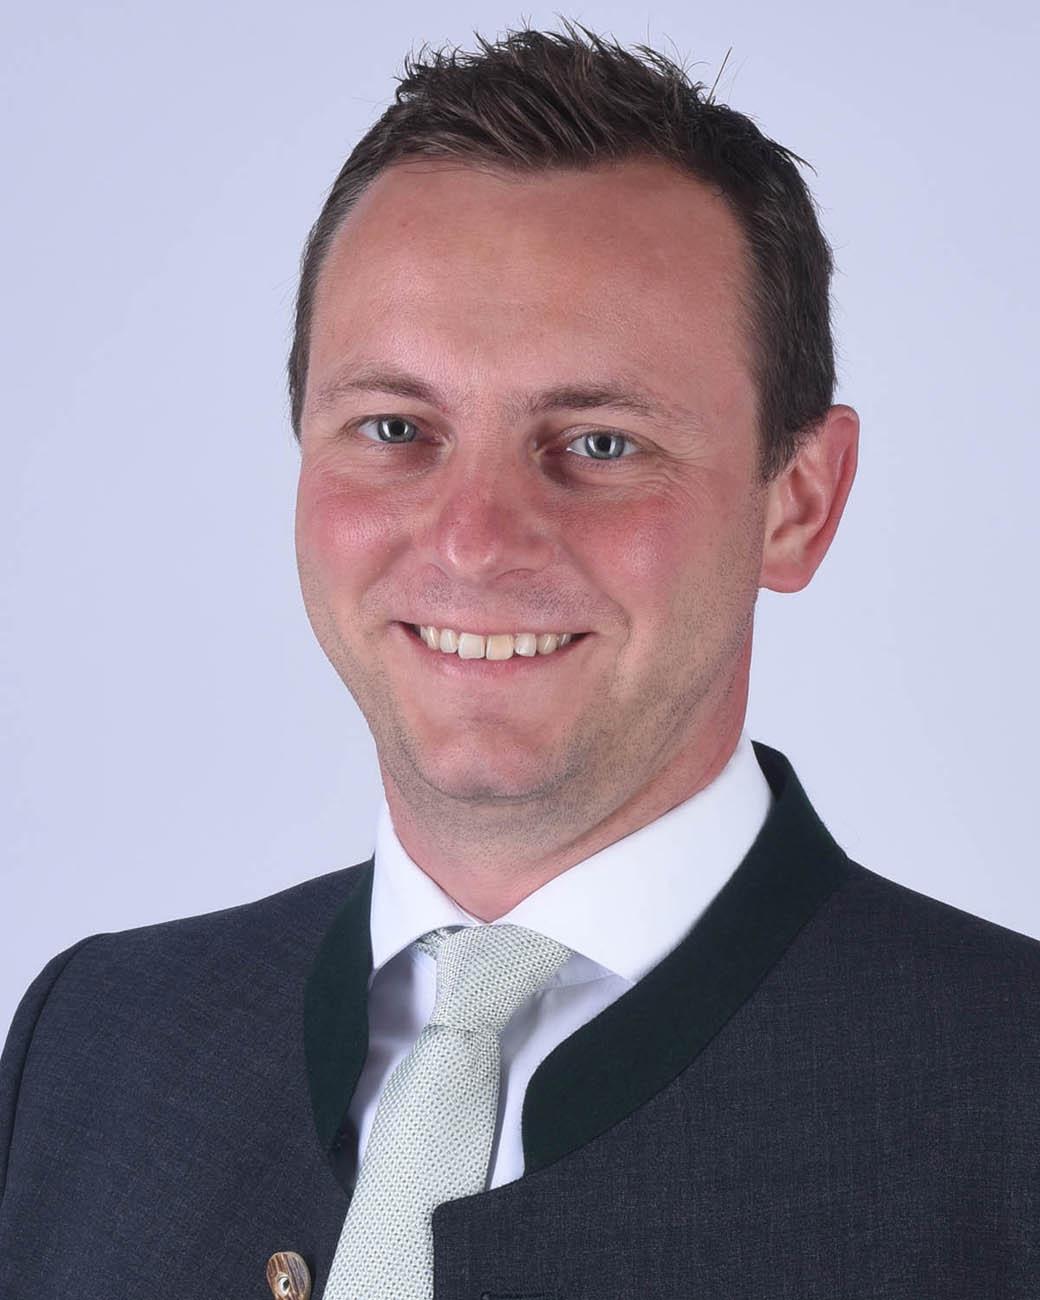 Bürgermeister Stefan Achatz